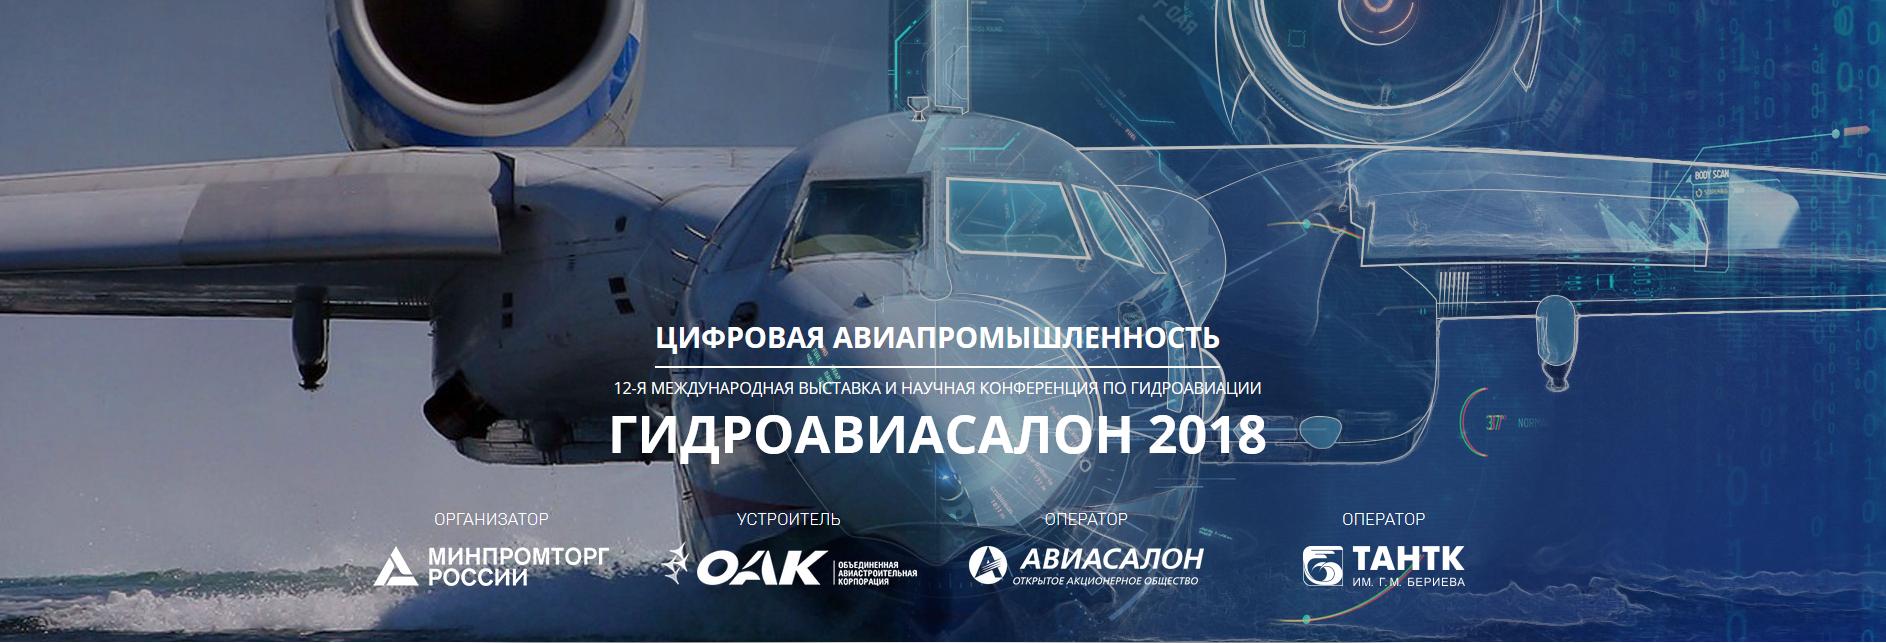 С 6 по 9 сентября 2018 г. в Геленджике состоится XXII Международная выставка и научная конференция по гидроавиации «ГИДРОАВИАСАЛОН-2018»